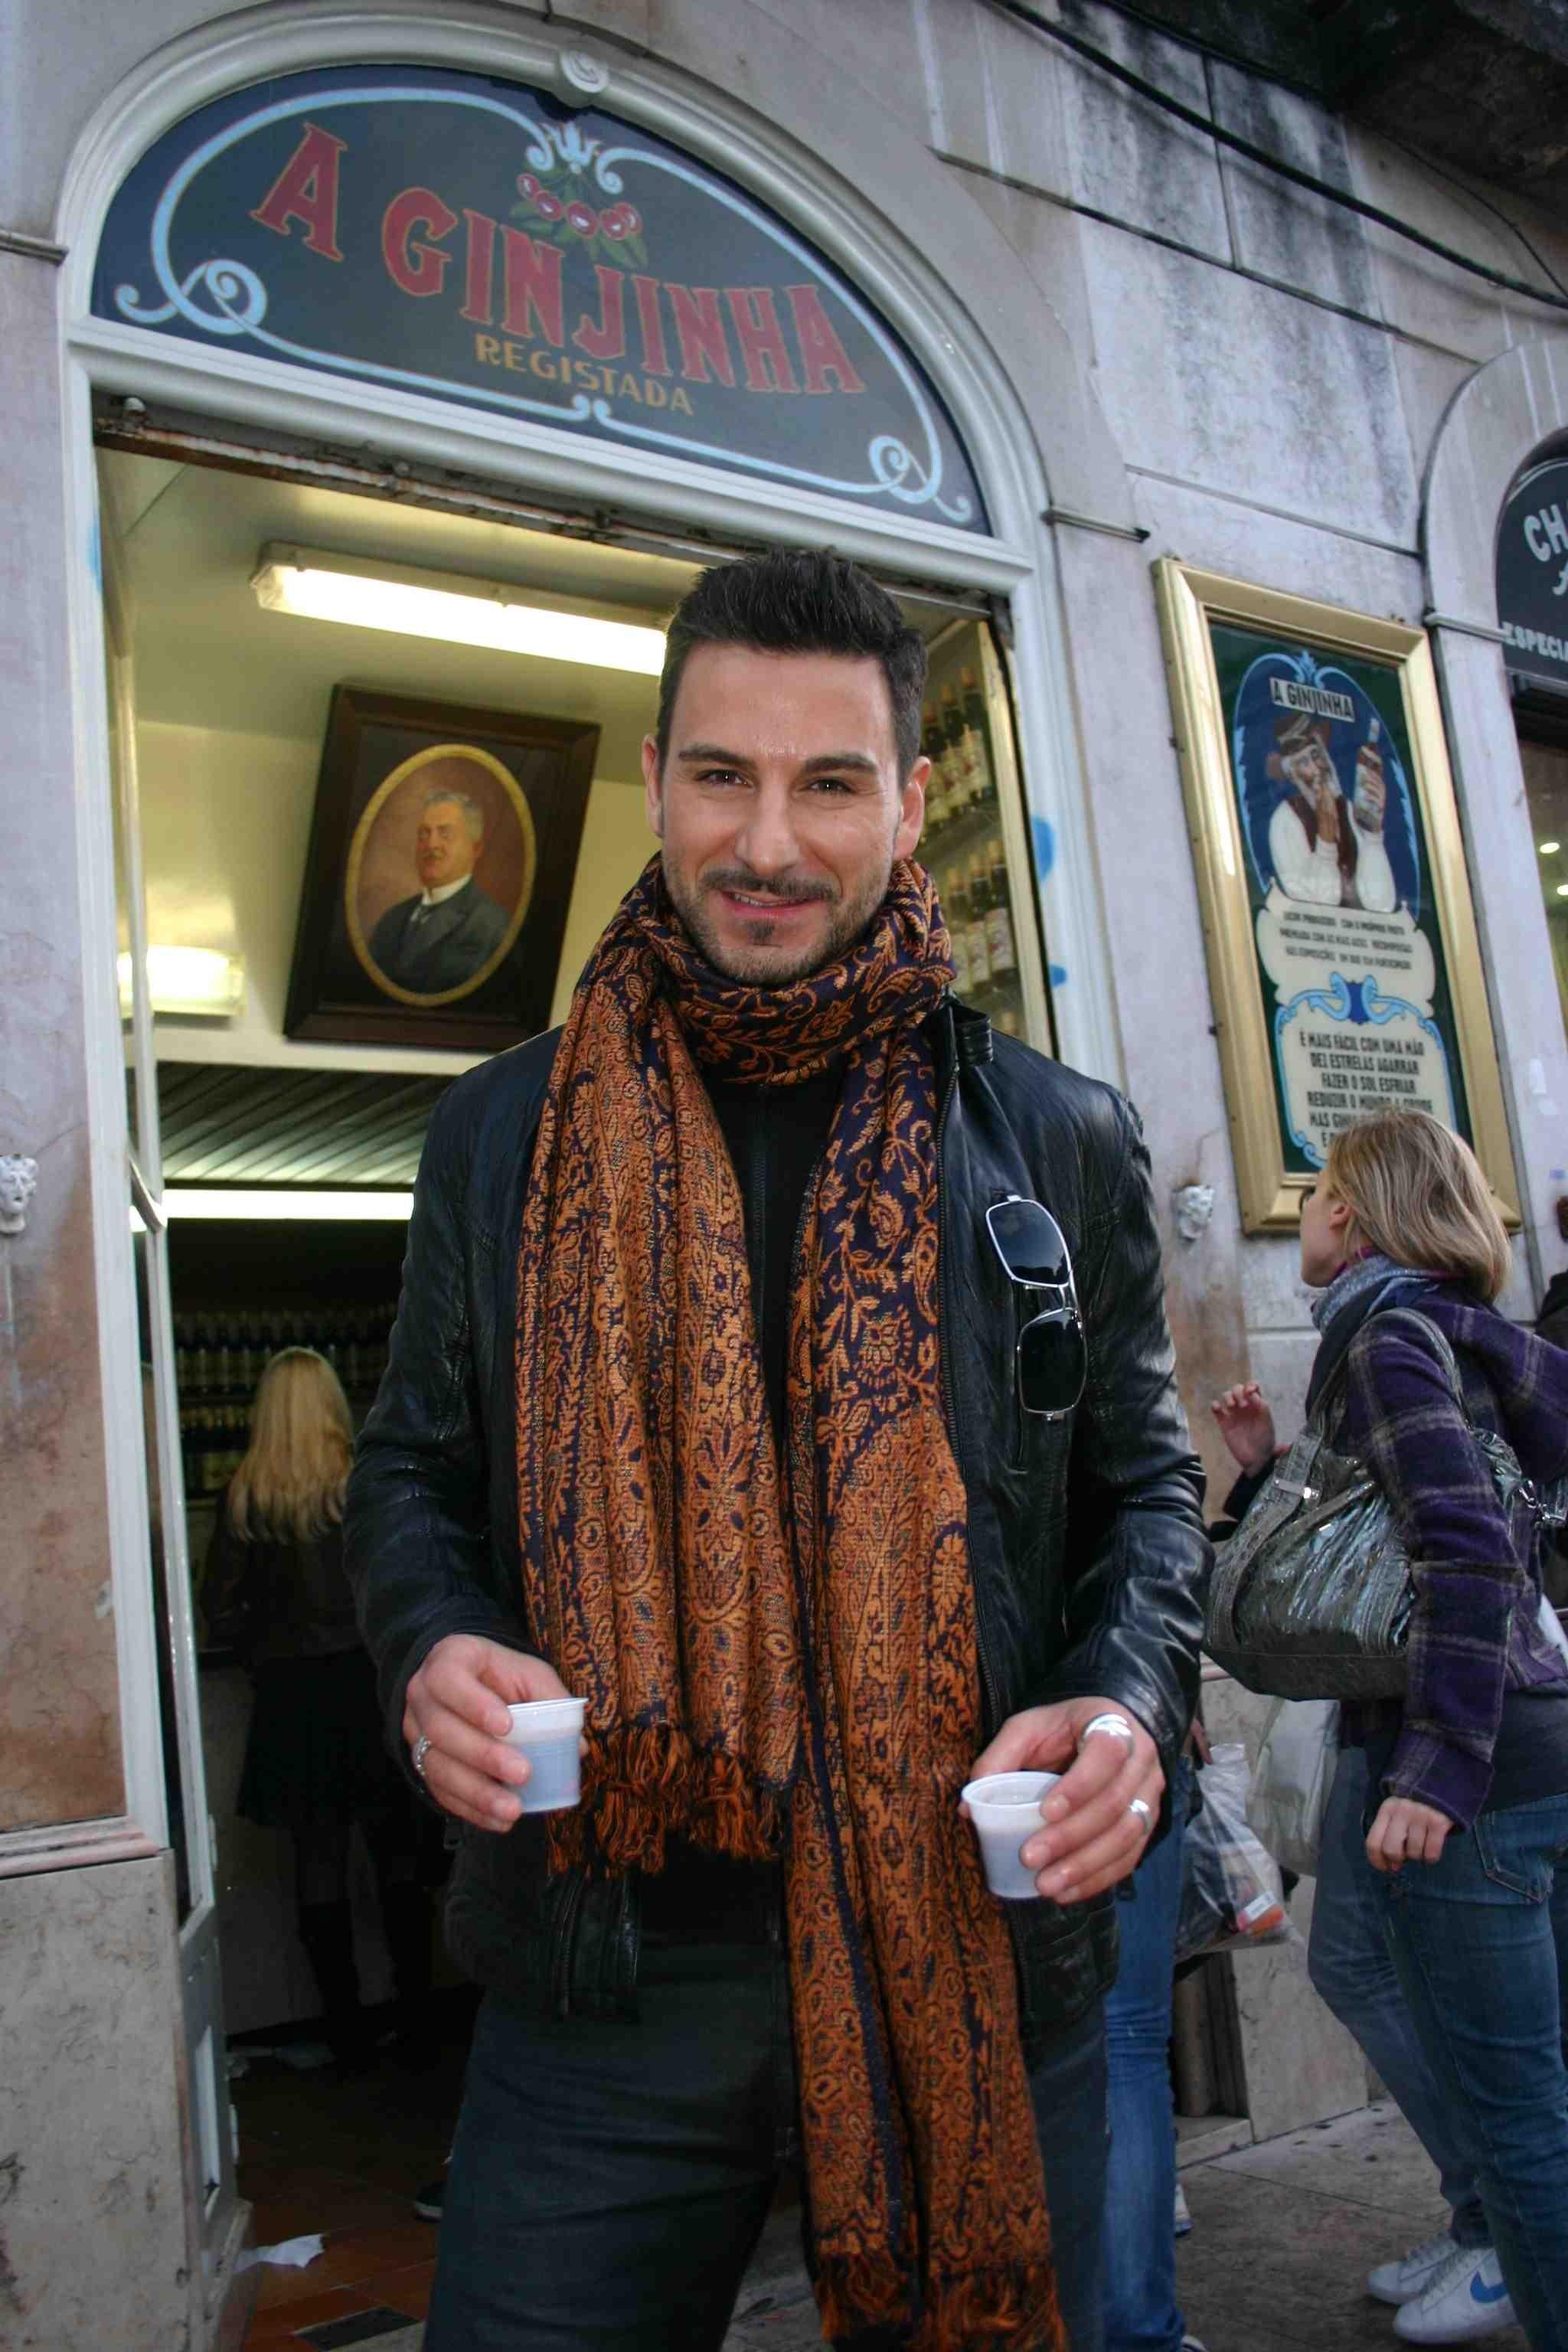 Lissabon in Portugal: Vor der Mini-Bar A Ginjinha reicht der Berliner Sänger einen Kirschlikör im Plastikbecher weiter